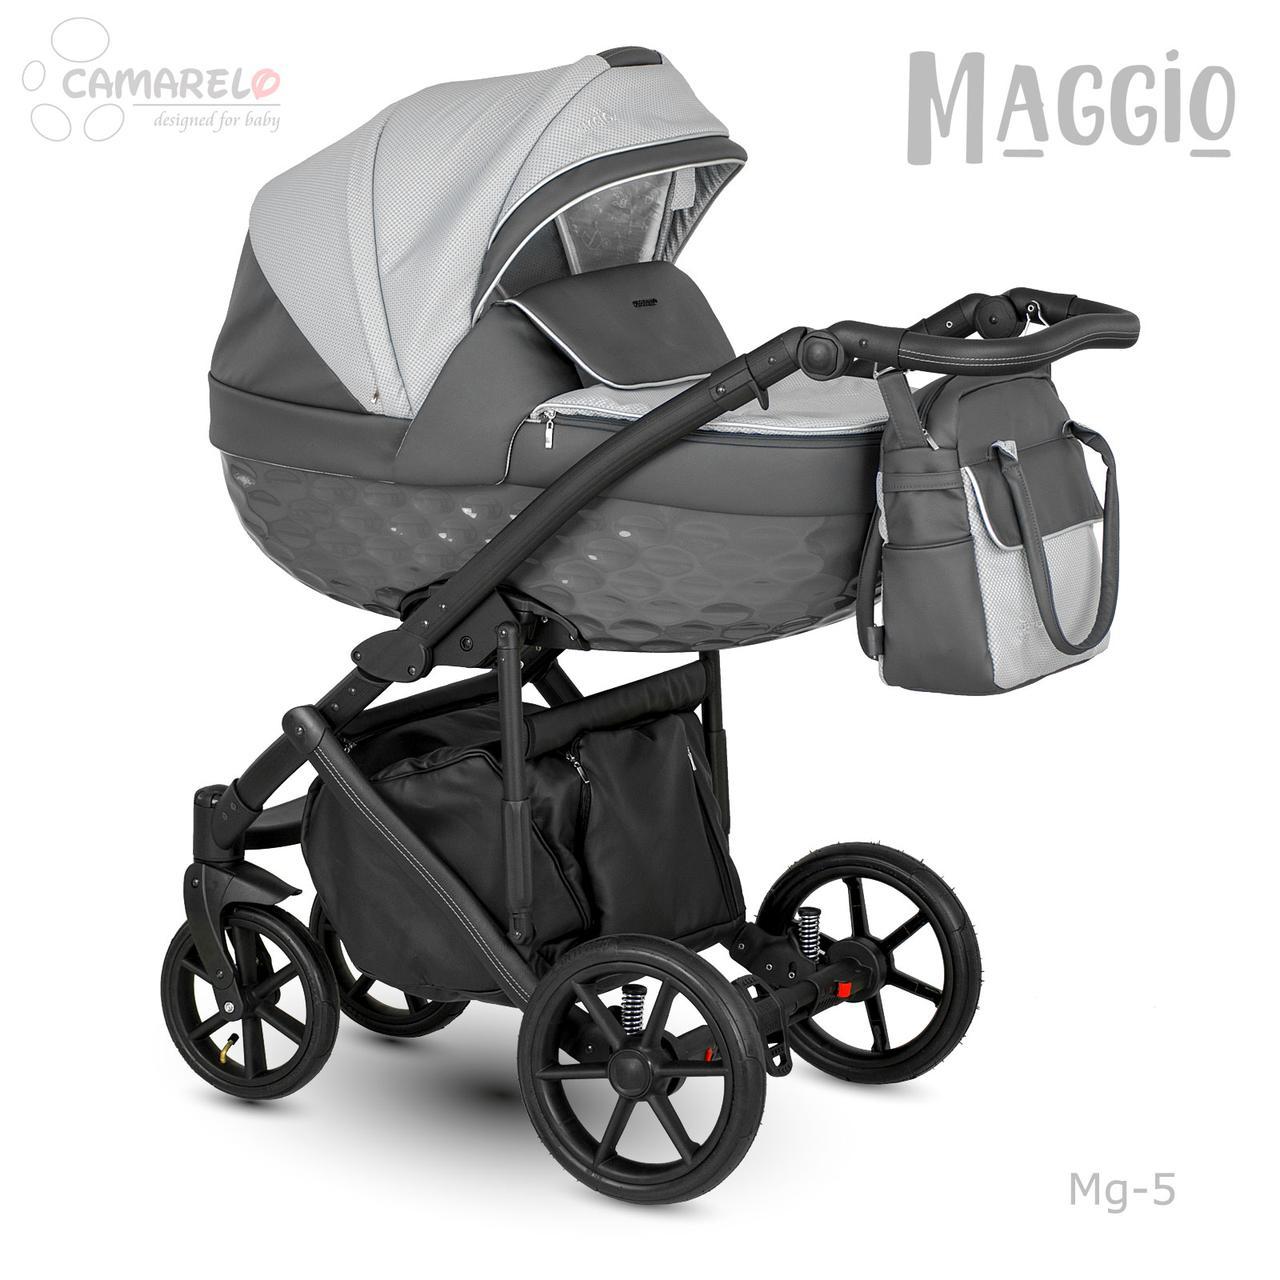 Детская универсальная коляска 2 в 1 Camarelo Maggio Mg-5